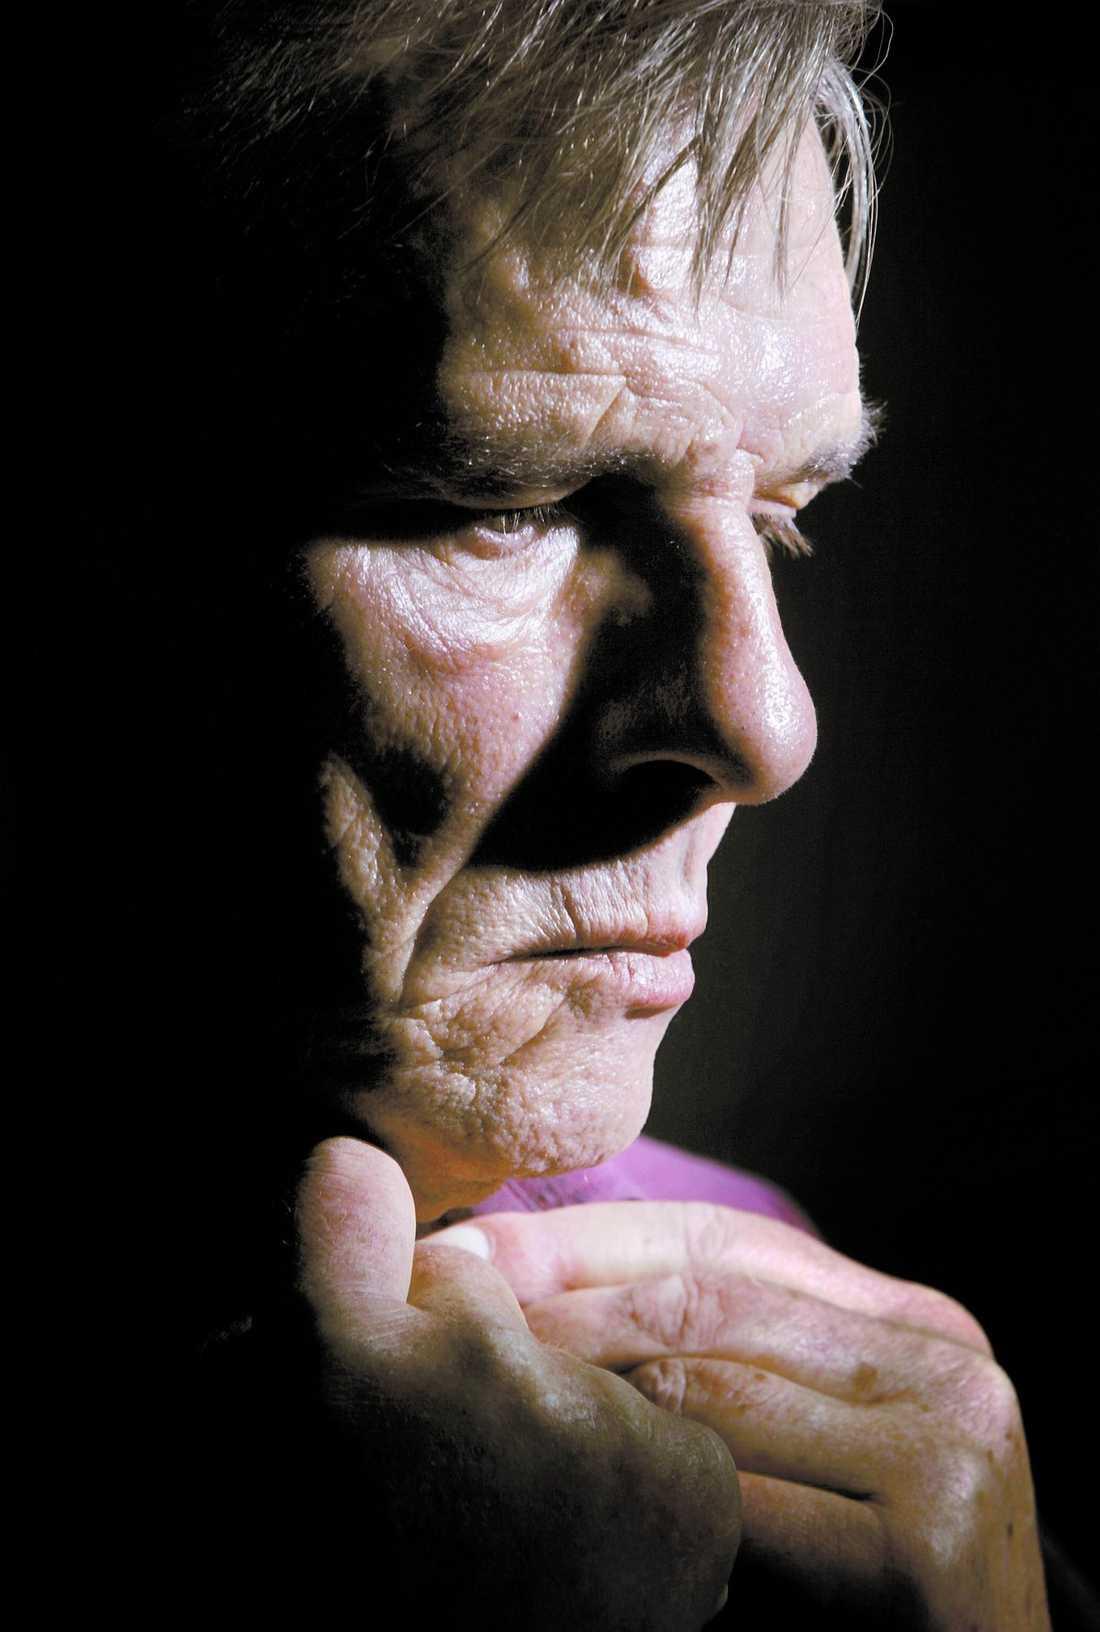 """Fick Hjärtattacker Hjärnblödningarna och hjärtattackerna tärde hårt på Alf Robertsson–och hans nära och kära. """"Han hade svårt att gå efter en av hjärnblödningarna. När vi turnerade tillsammans 2004 var det flera tillfällen som folk trodde att han var påverkad, fast han inte alls var det. Det berörde mig oerhört"""", säger vännen Alf Svensson."""